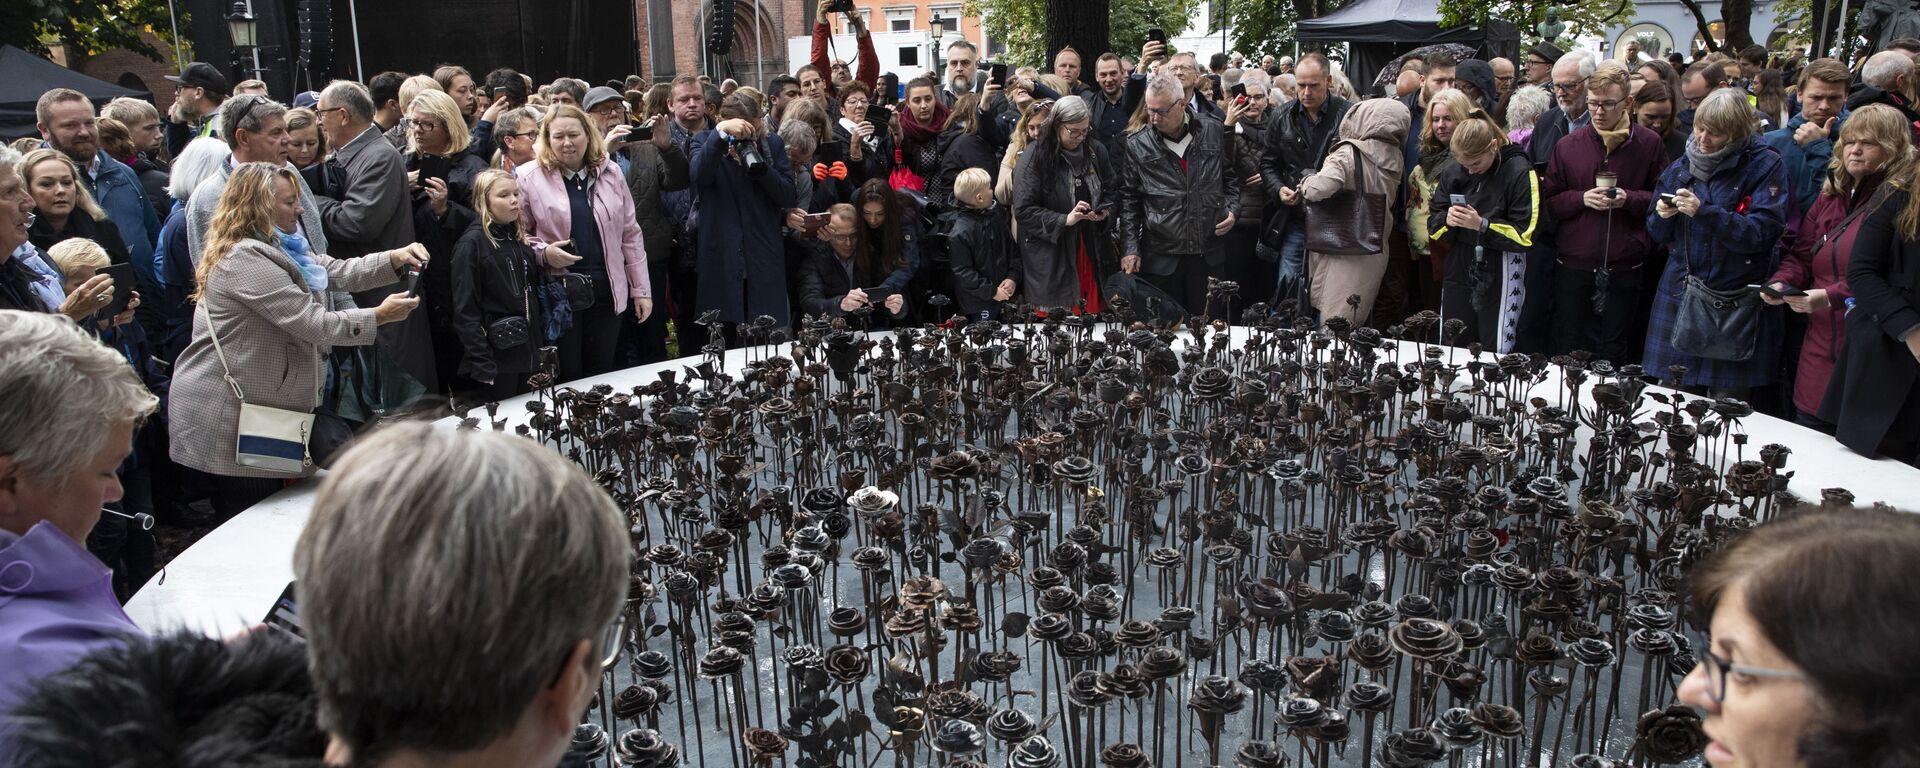 Το μνημείο για τα θύματα της σφαγής που διέπραξε ο Μπρέιβικ στο Όσλο το 2011. - Sputnik Ελλάδα, 1920, 29.09.2019